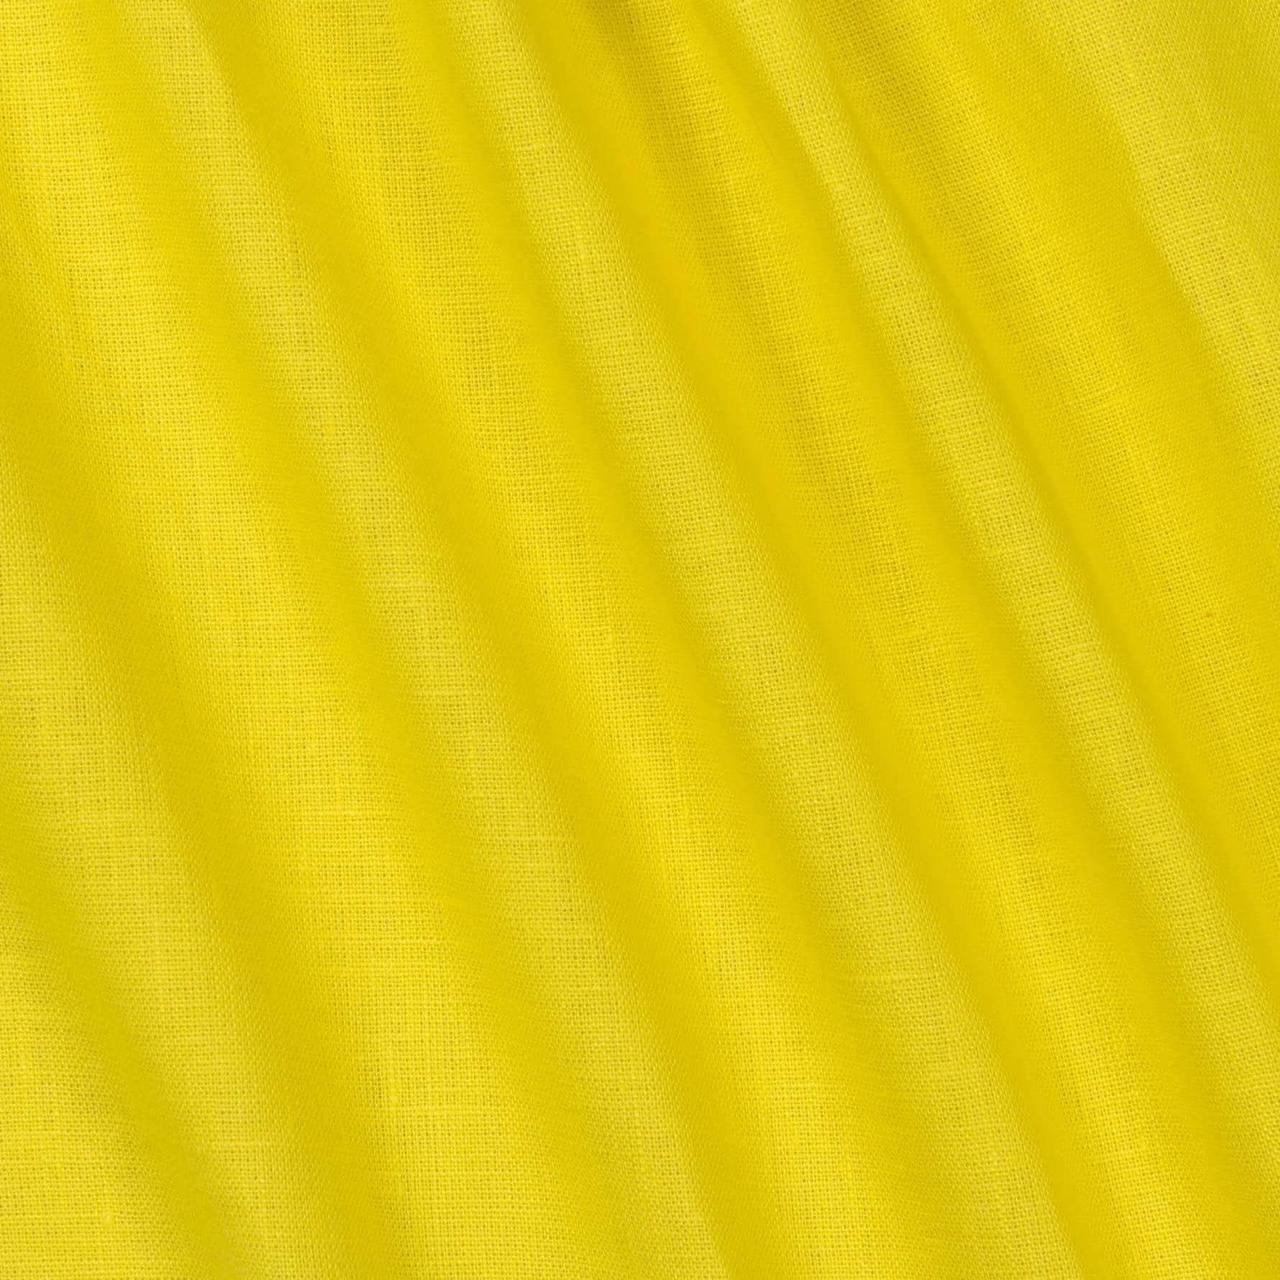 Ткань Лен, 55% Лен и 45% Вискоза, Желтый